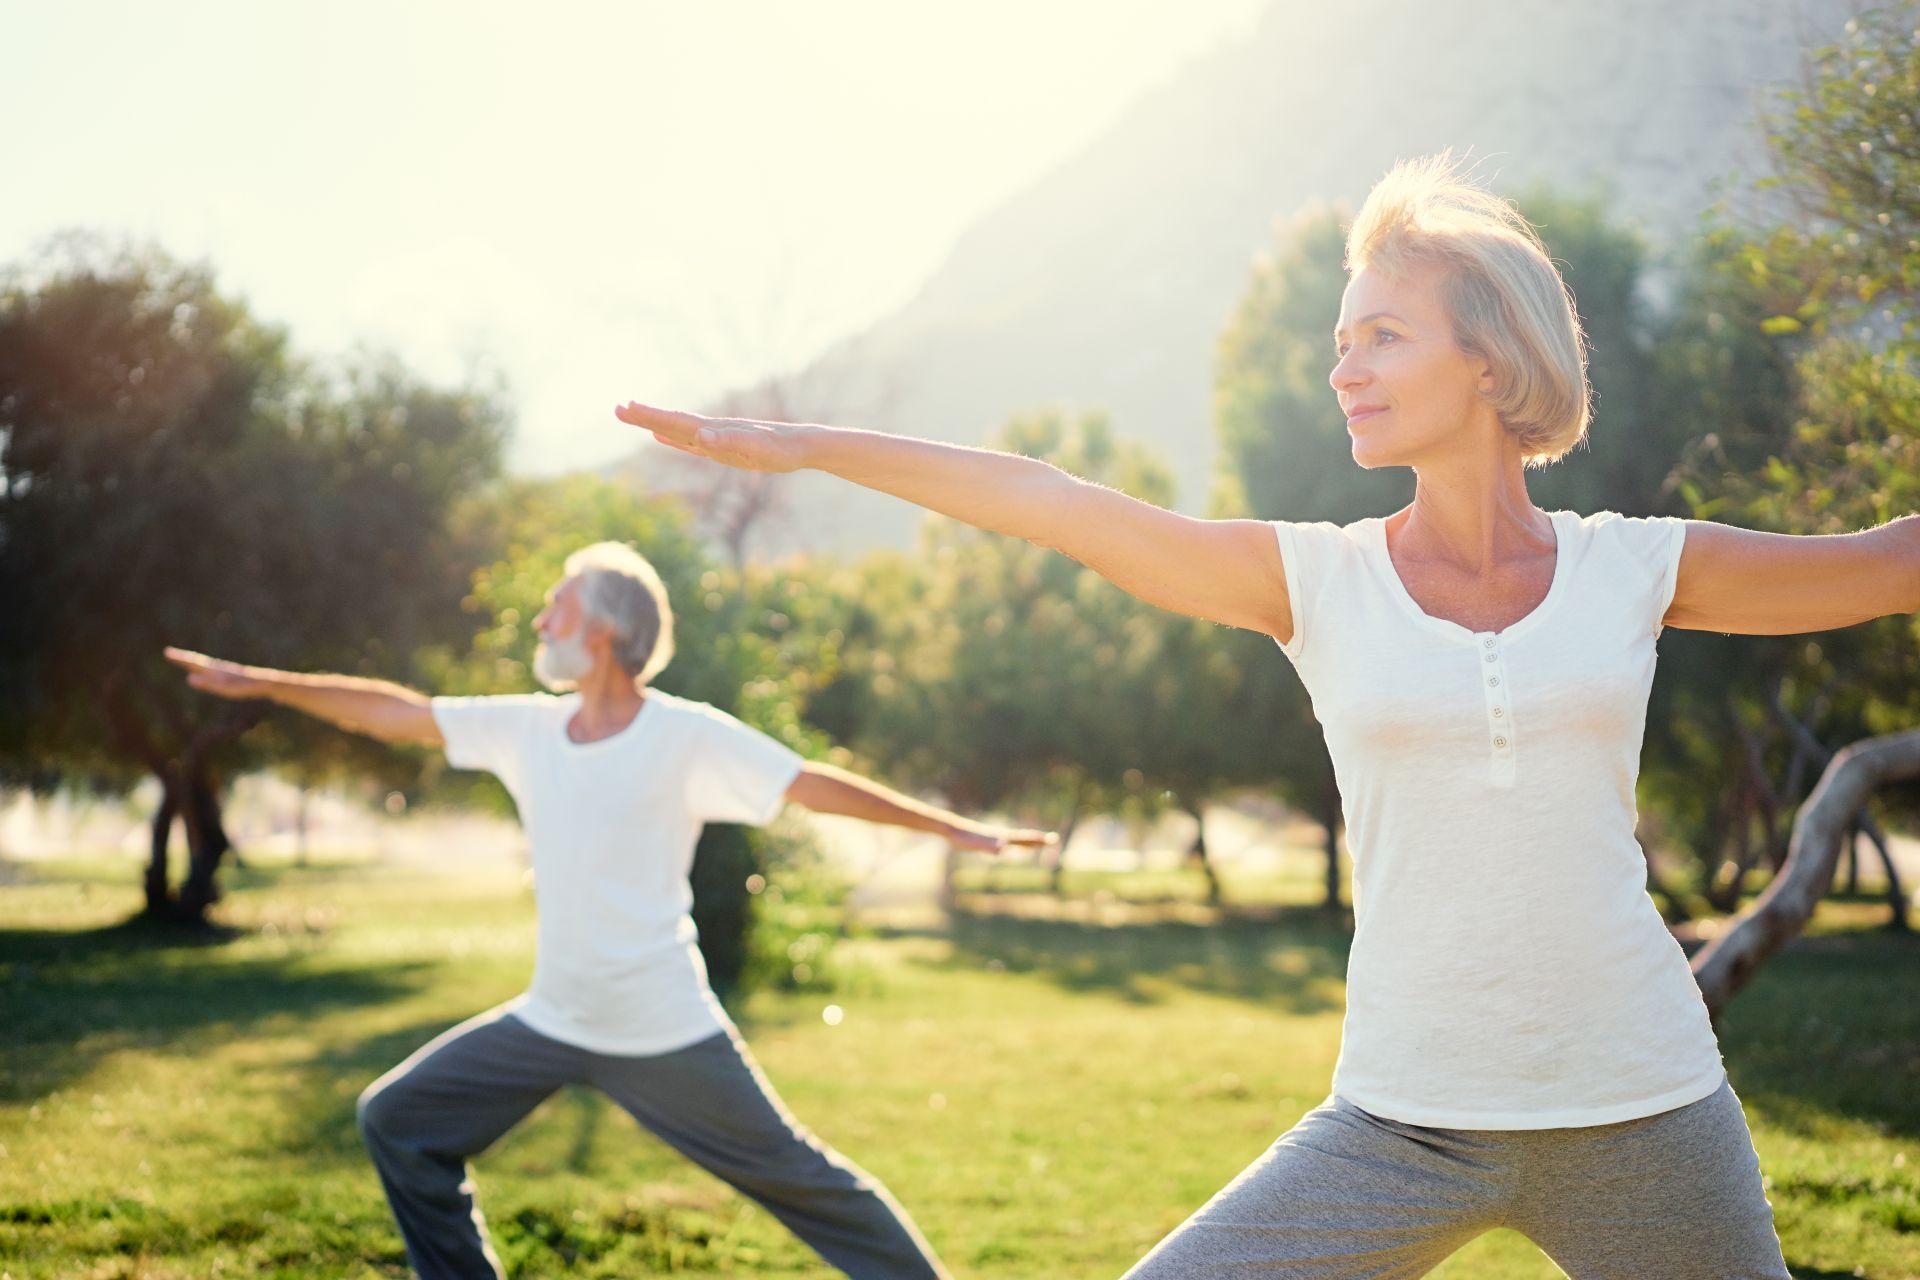 Aktywność fizyczna i zbilansowana dieta bogata w sterole roślinne to sposób na profilaktykę obniżenia cholesterolu.